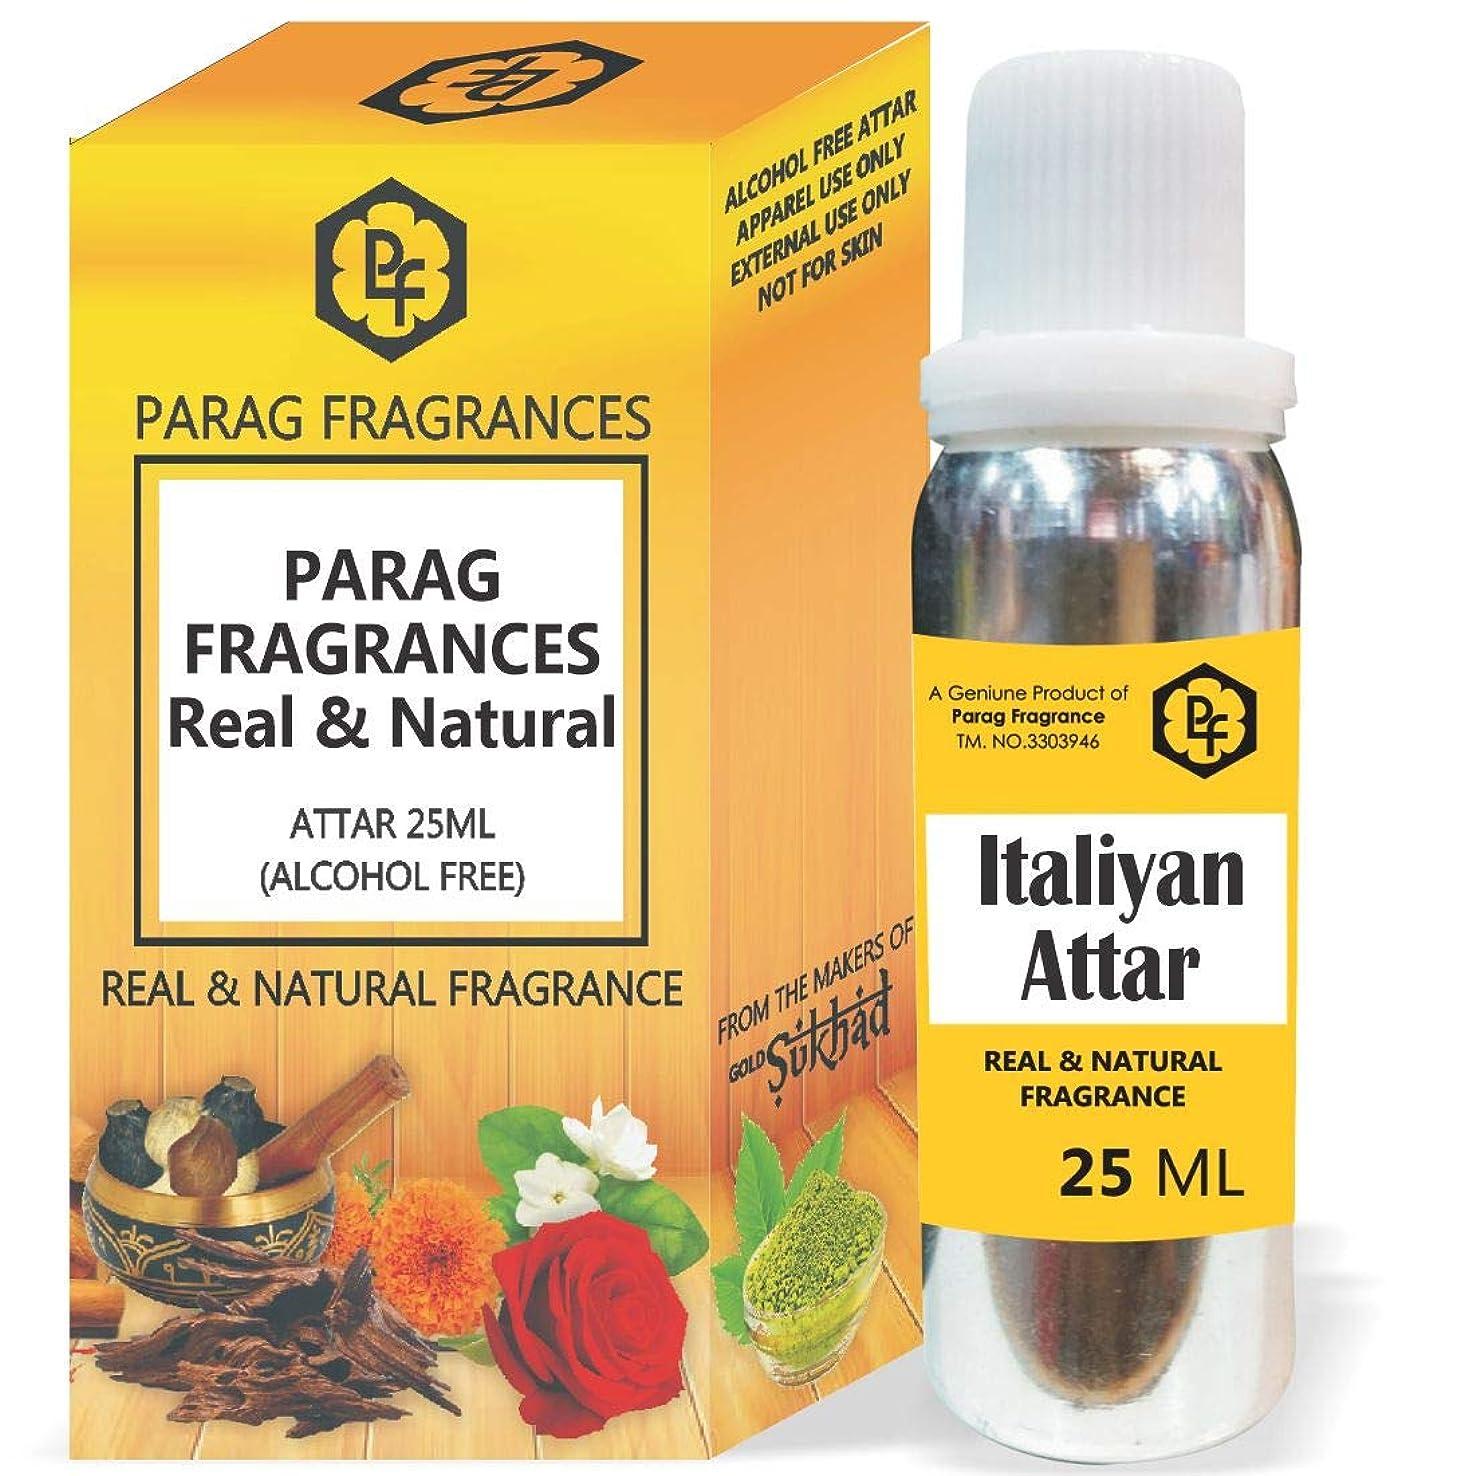 殺人者気分が悪い見落とす50/100/200/500パックでファンシー空き瓶(アルコールフリー、ロングラスティング、自然アター)でParagフレグランス25ミリリットルItaliyanアターアターも利用可能